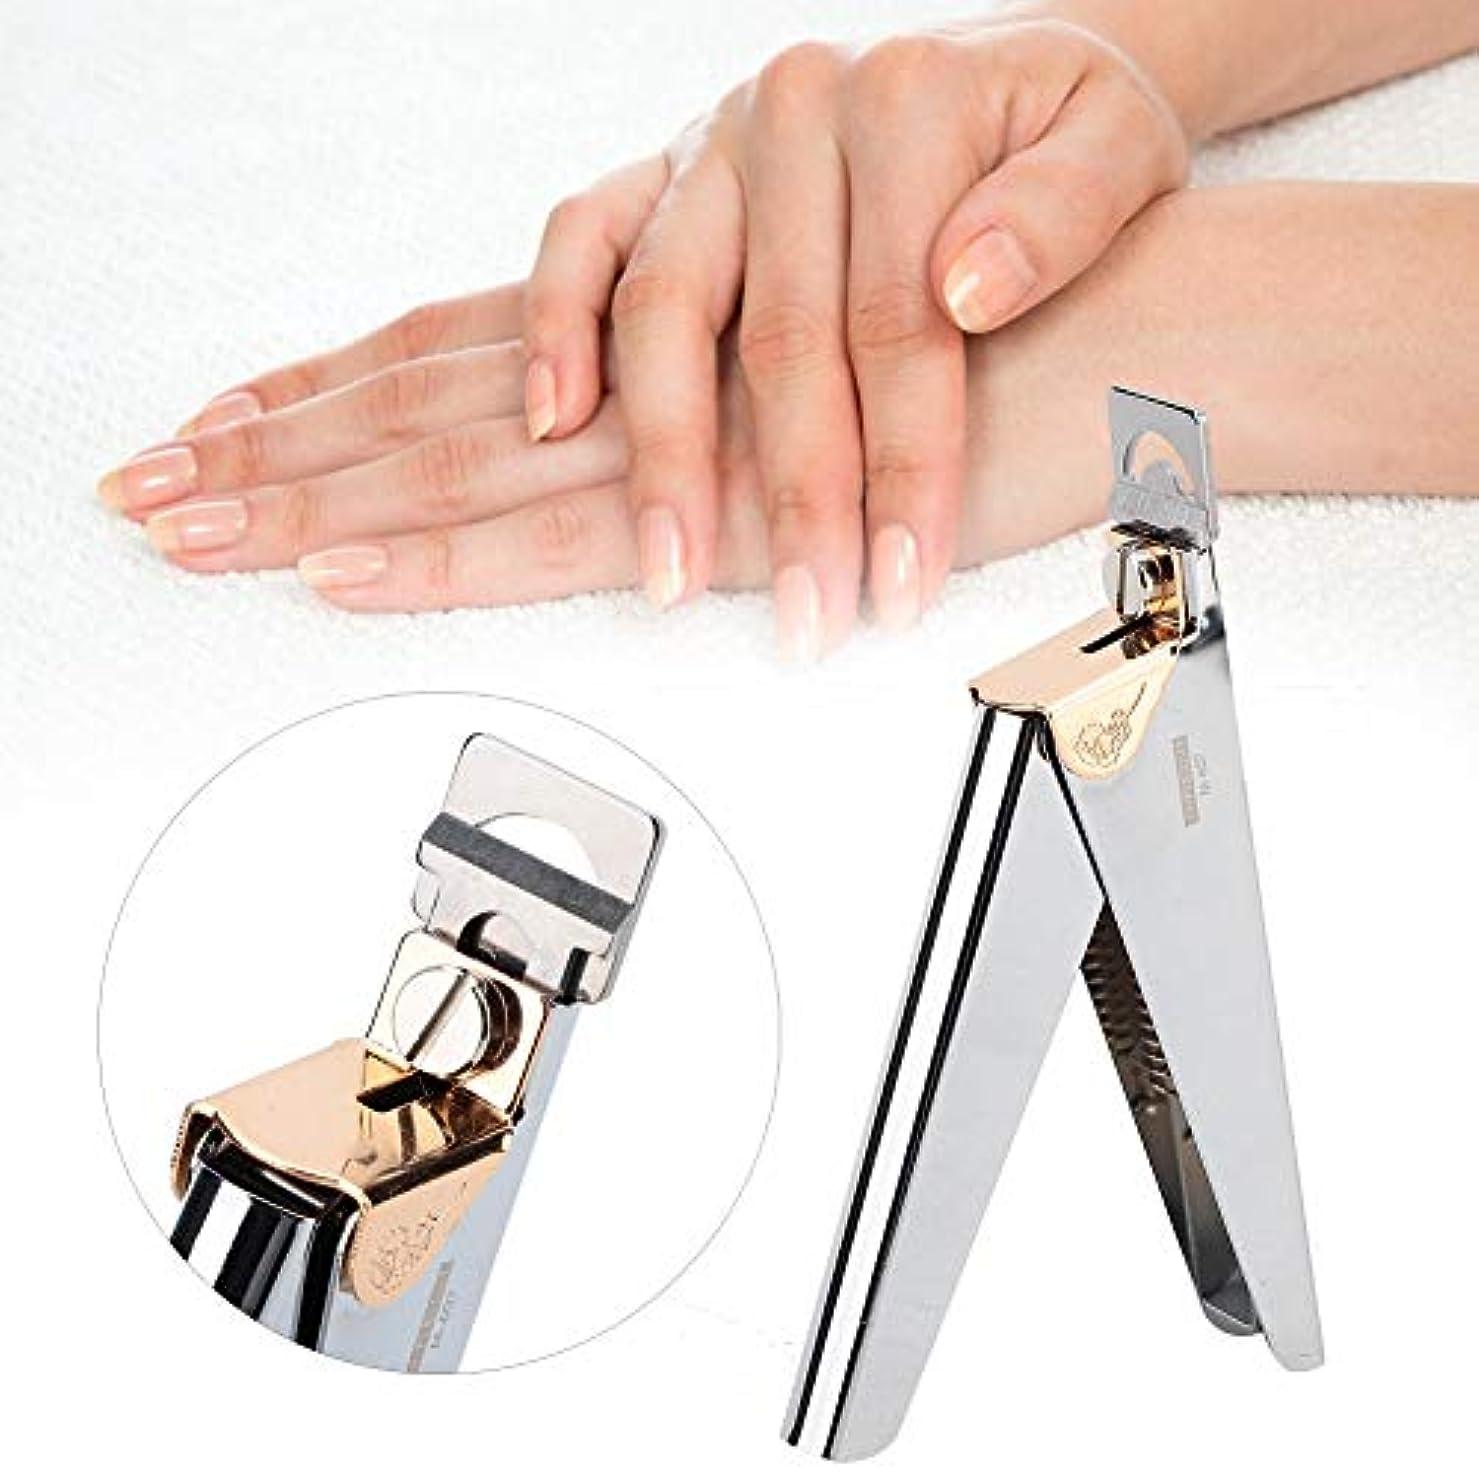 経験者過剰混合した指爪 爪ケア ネイルチップクリッパーカッター フランス式 プロ U字型ネイルアートクリッパーはさみ - マニキュア偽ネイルチップカッター - ステンレス鋼